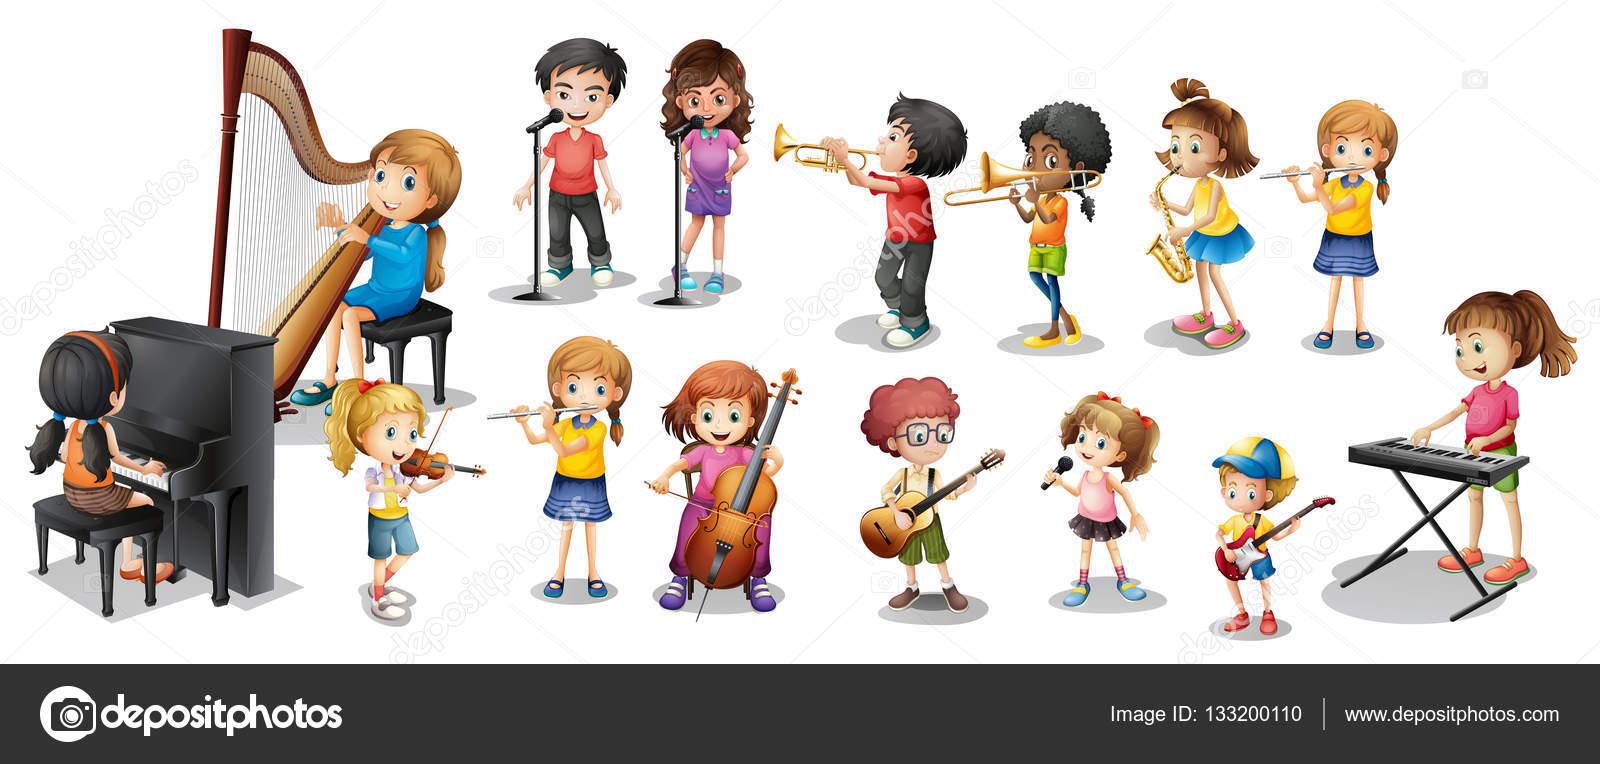 картинка играют на музыкальных инструментах